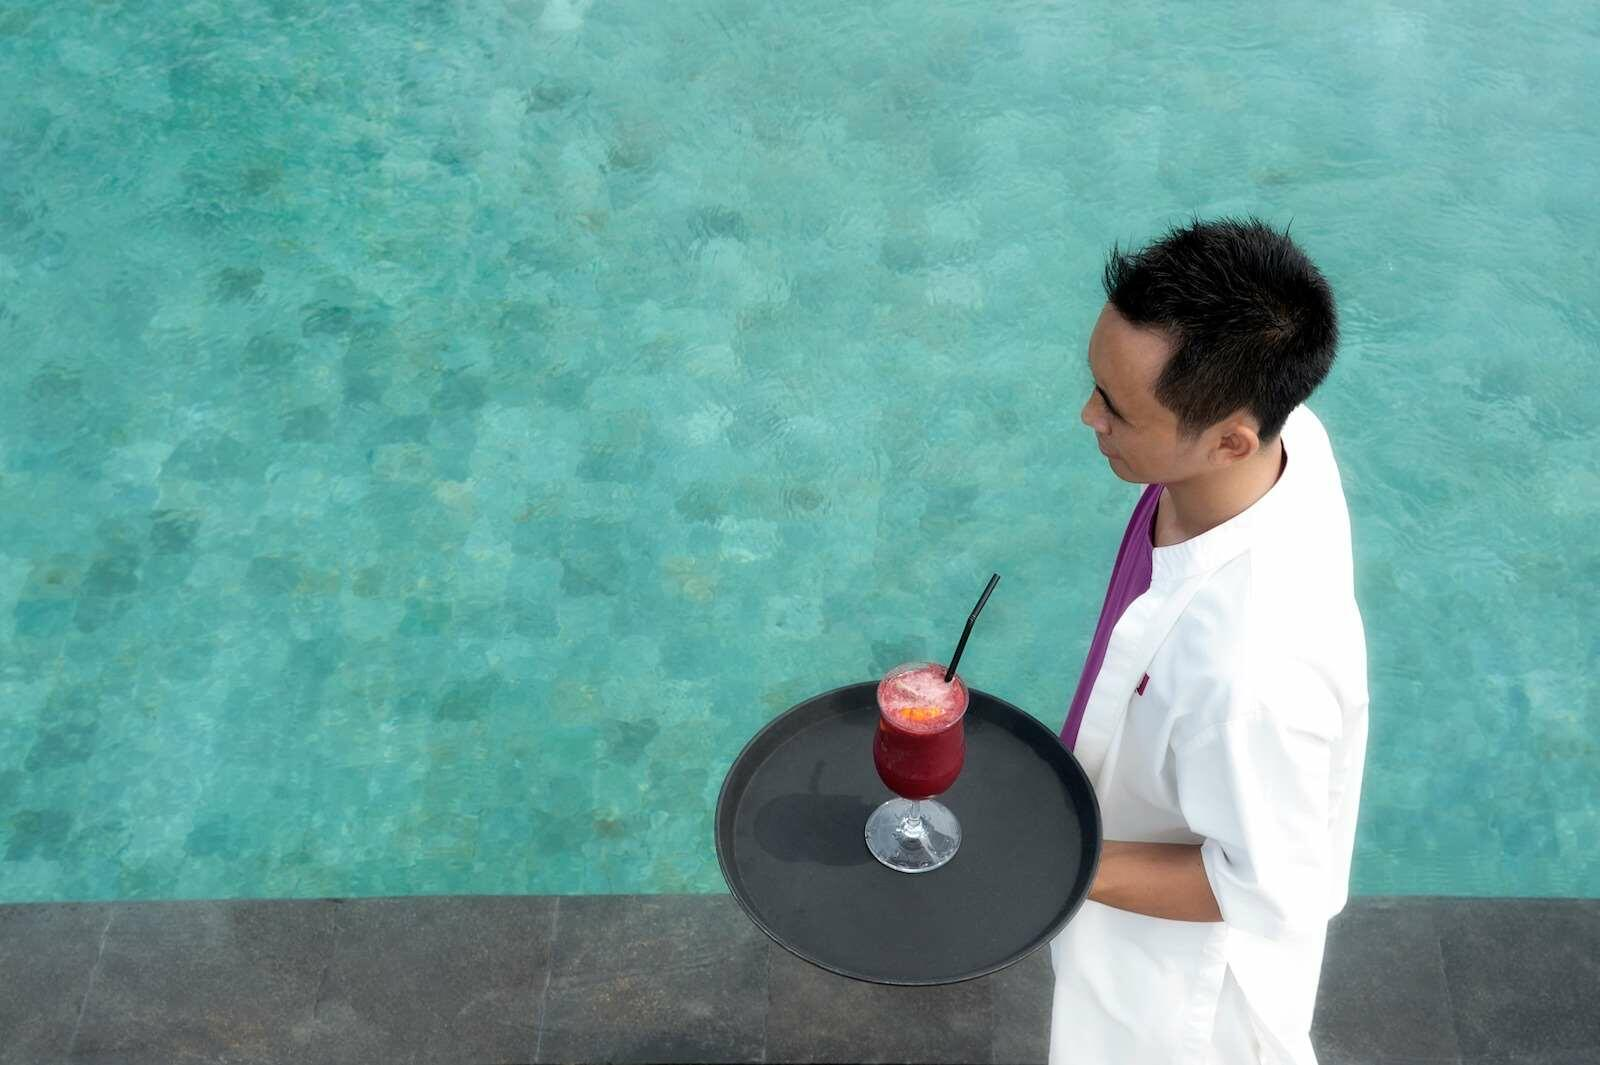 Swimming Pool at U Paasha Seminyak Bali